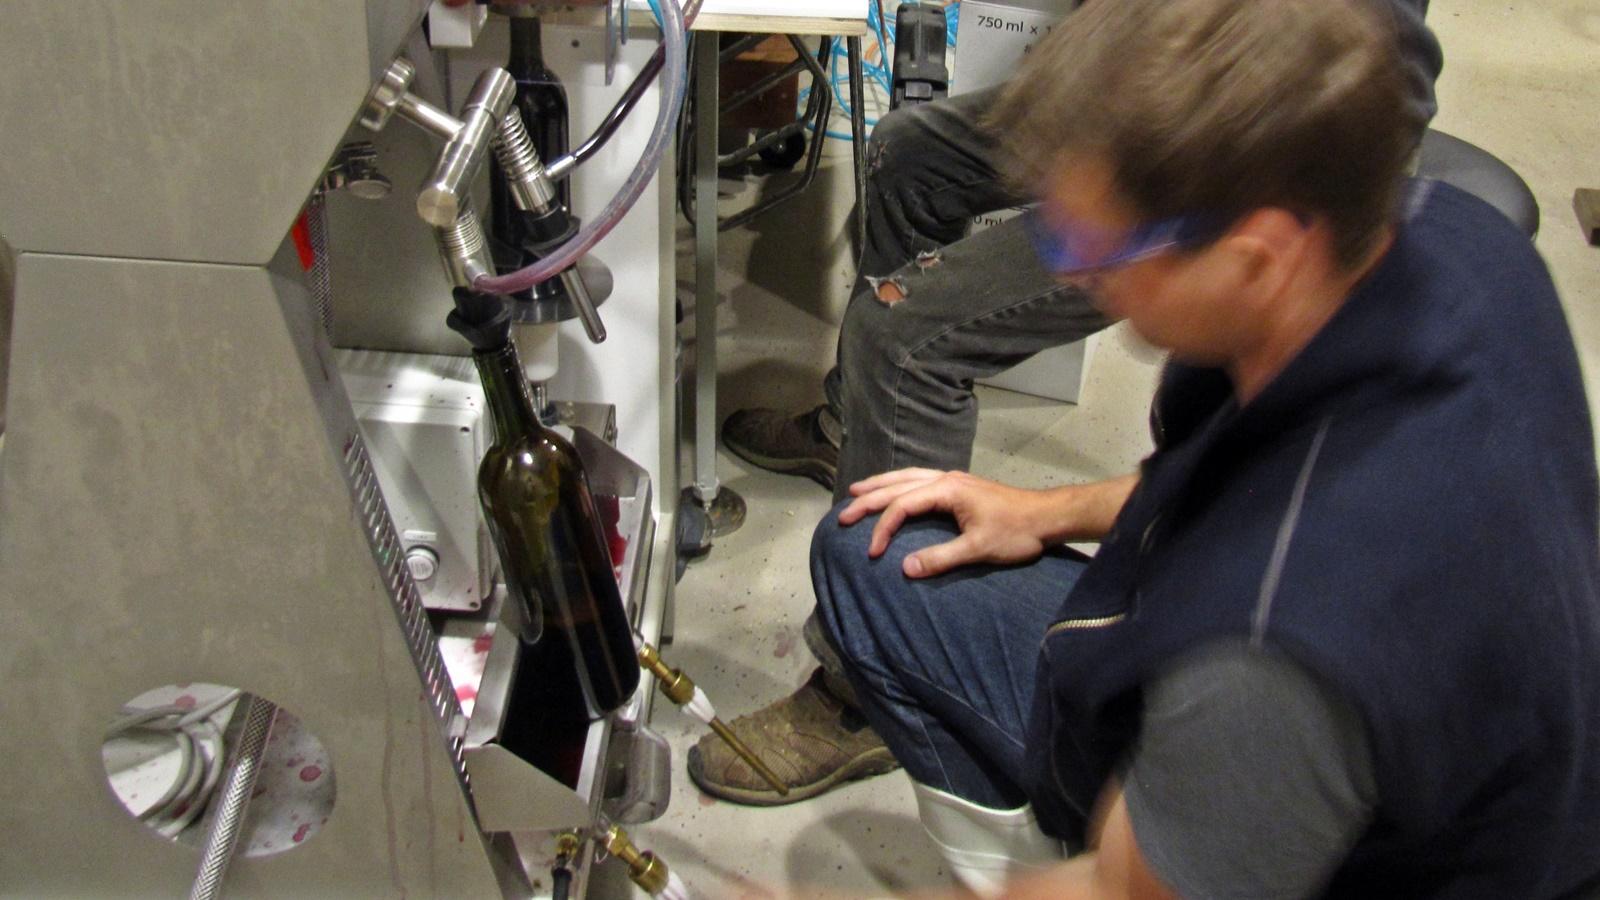 2 David Fenyvesy filling a bottle